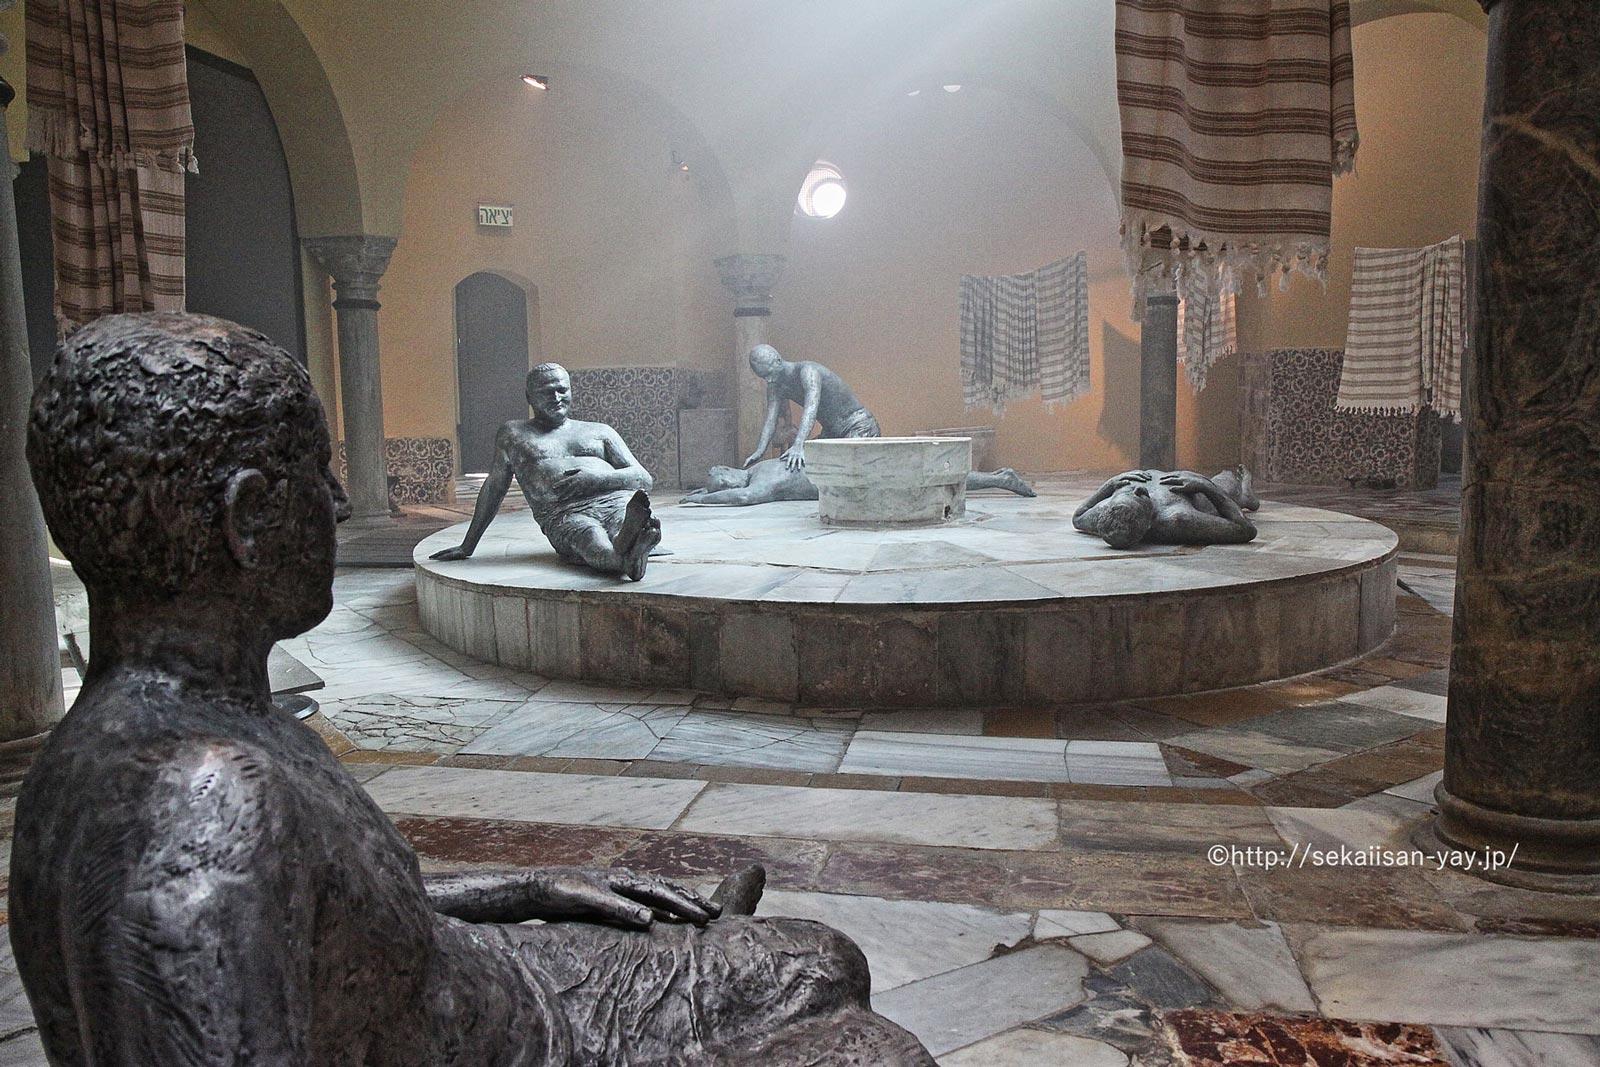 イスラエル「アッコ旧市街」- ハンマーム(市立博物館)